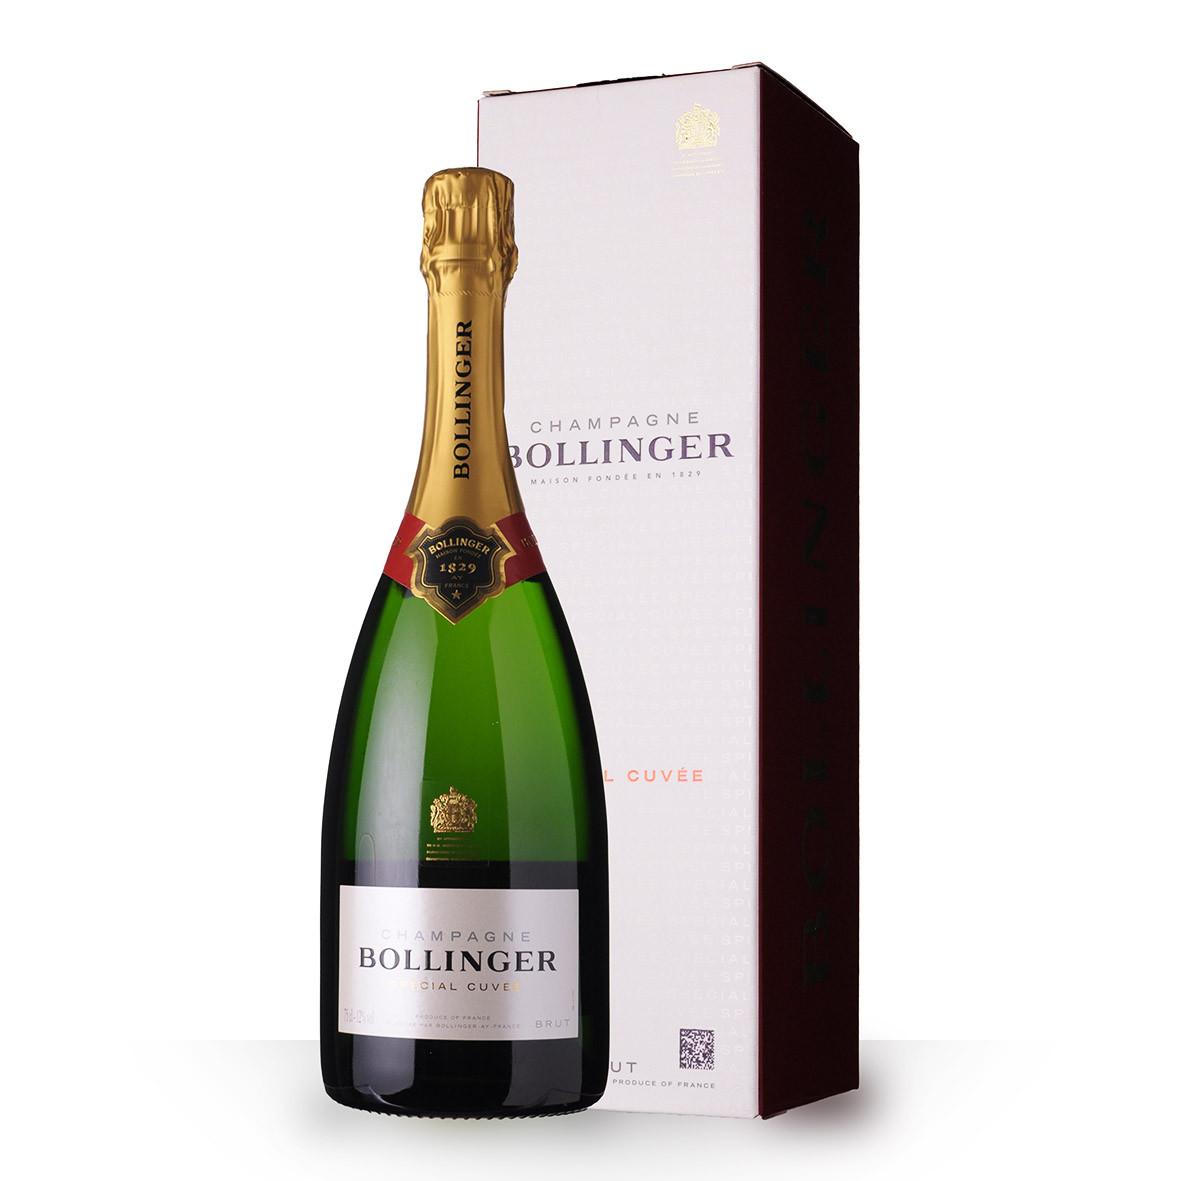 Champagne Bollinger Spécial Cuvée Brut 75cl Etui www.odyssee-vins.com